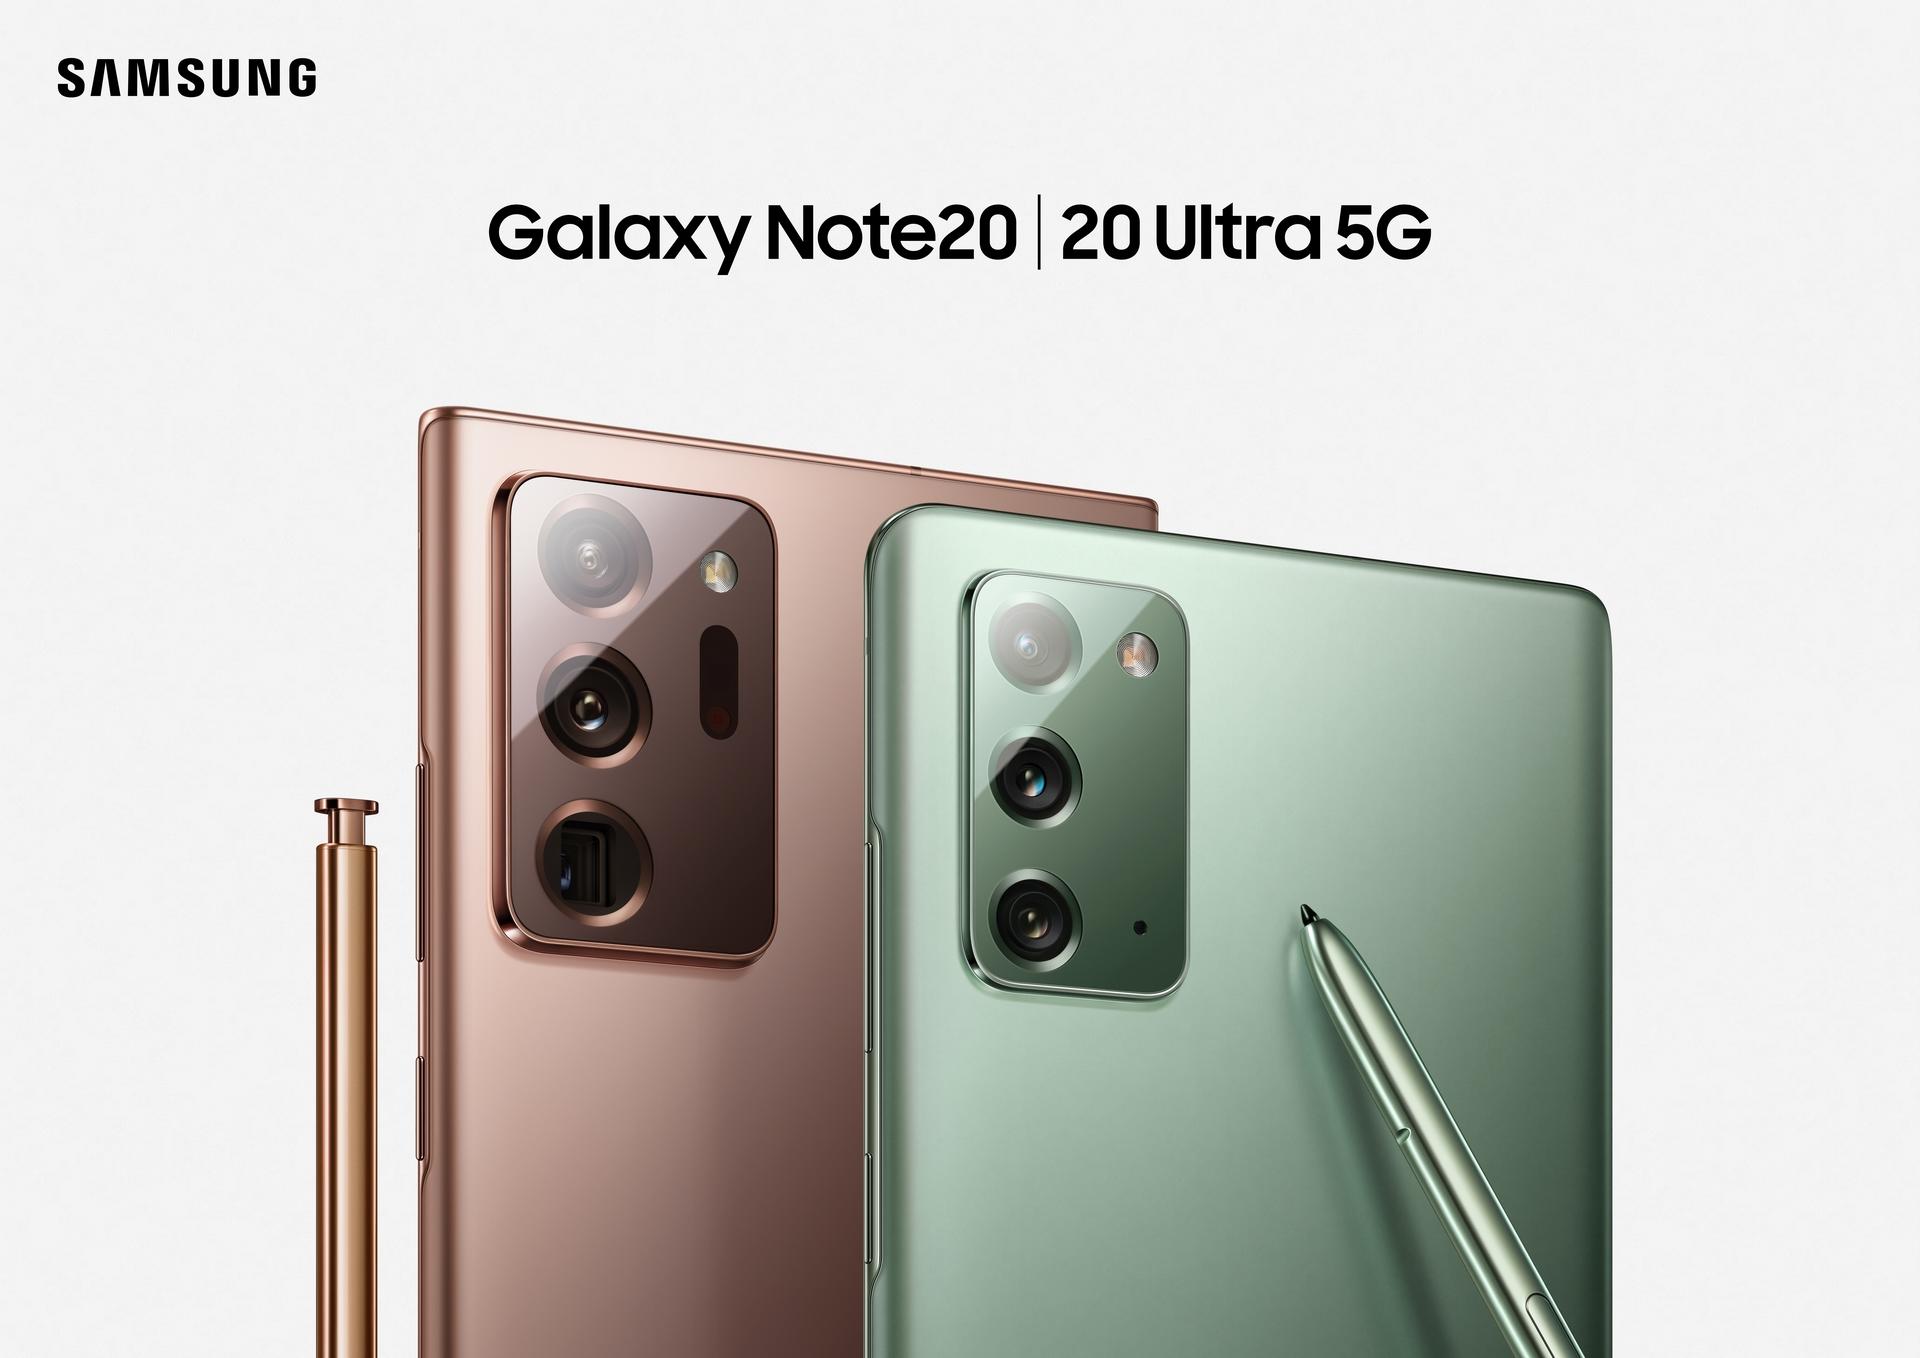 Precios y regalos de los nuevos Samsung Galaxy